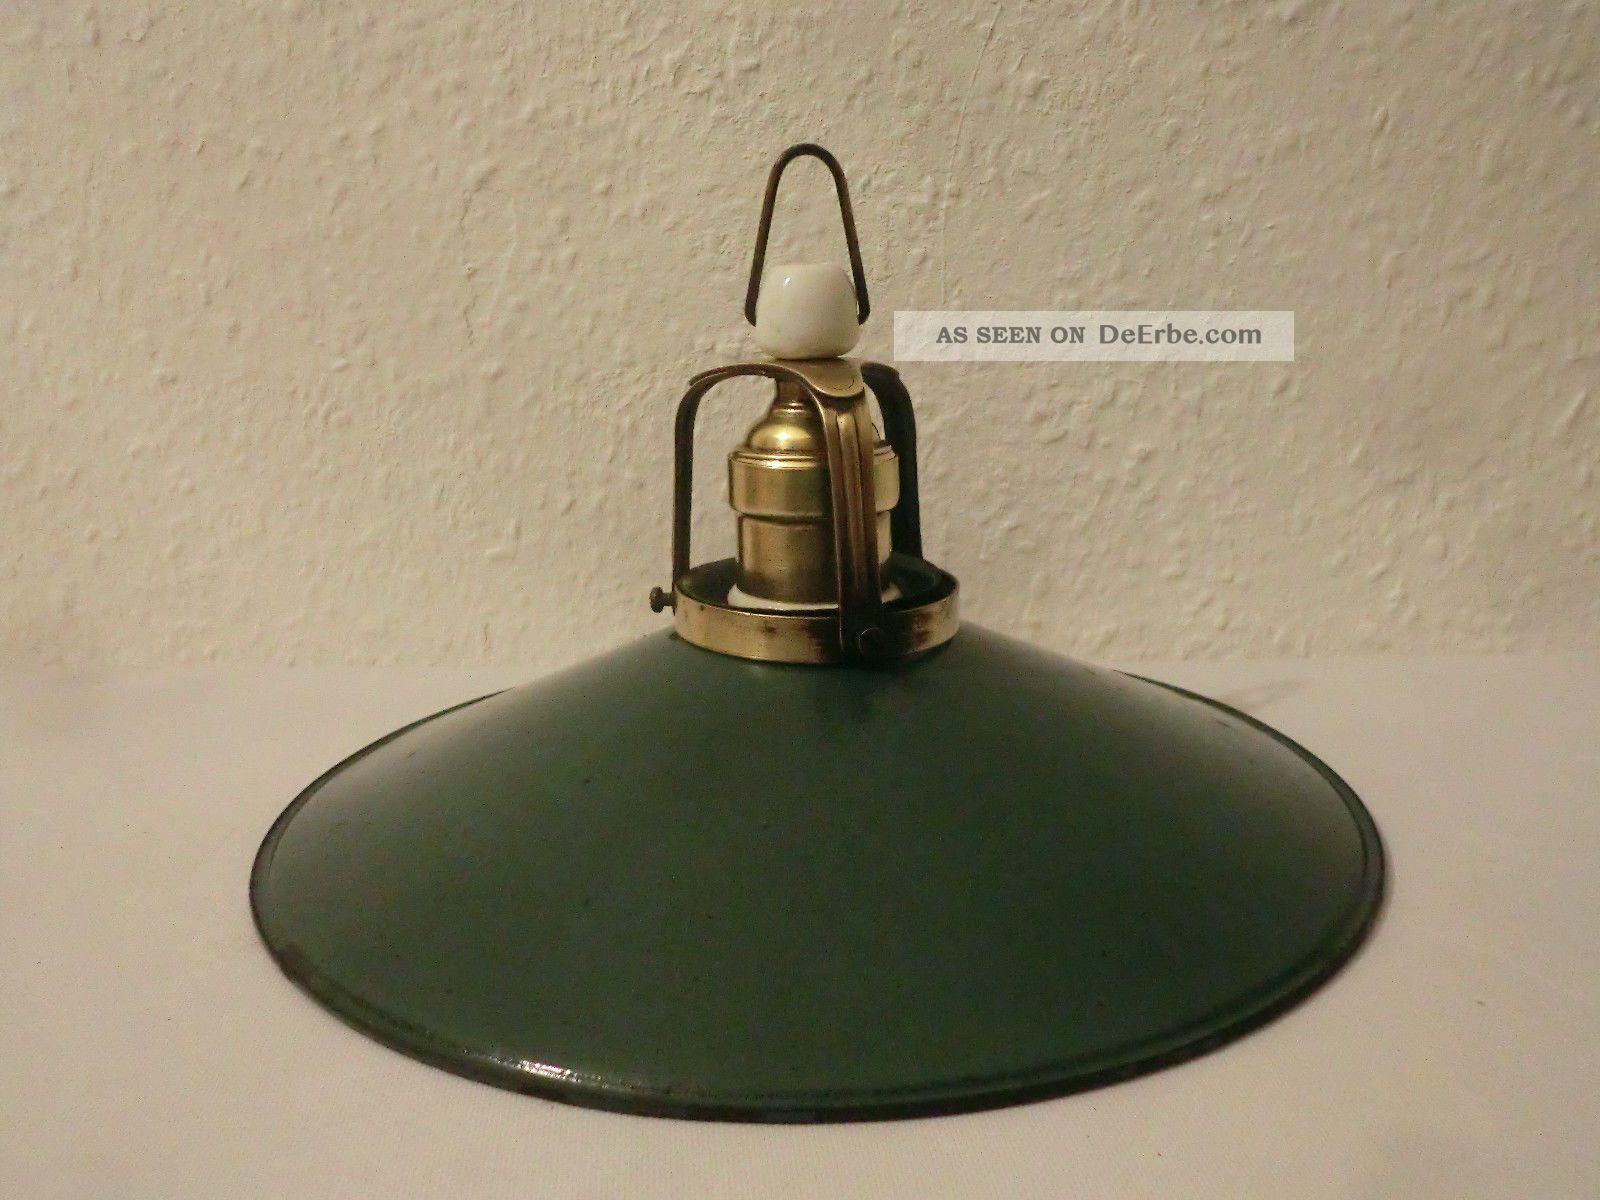 Antik messing lampe leuchte emaillelampe deckenlampe for Lampen antik